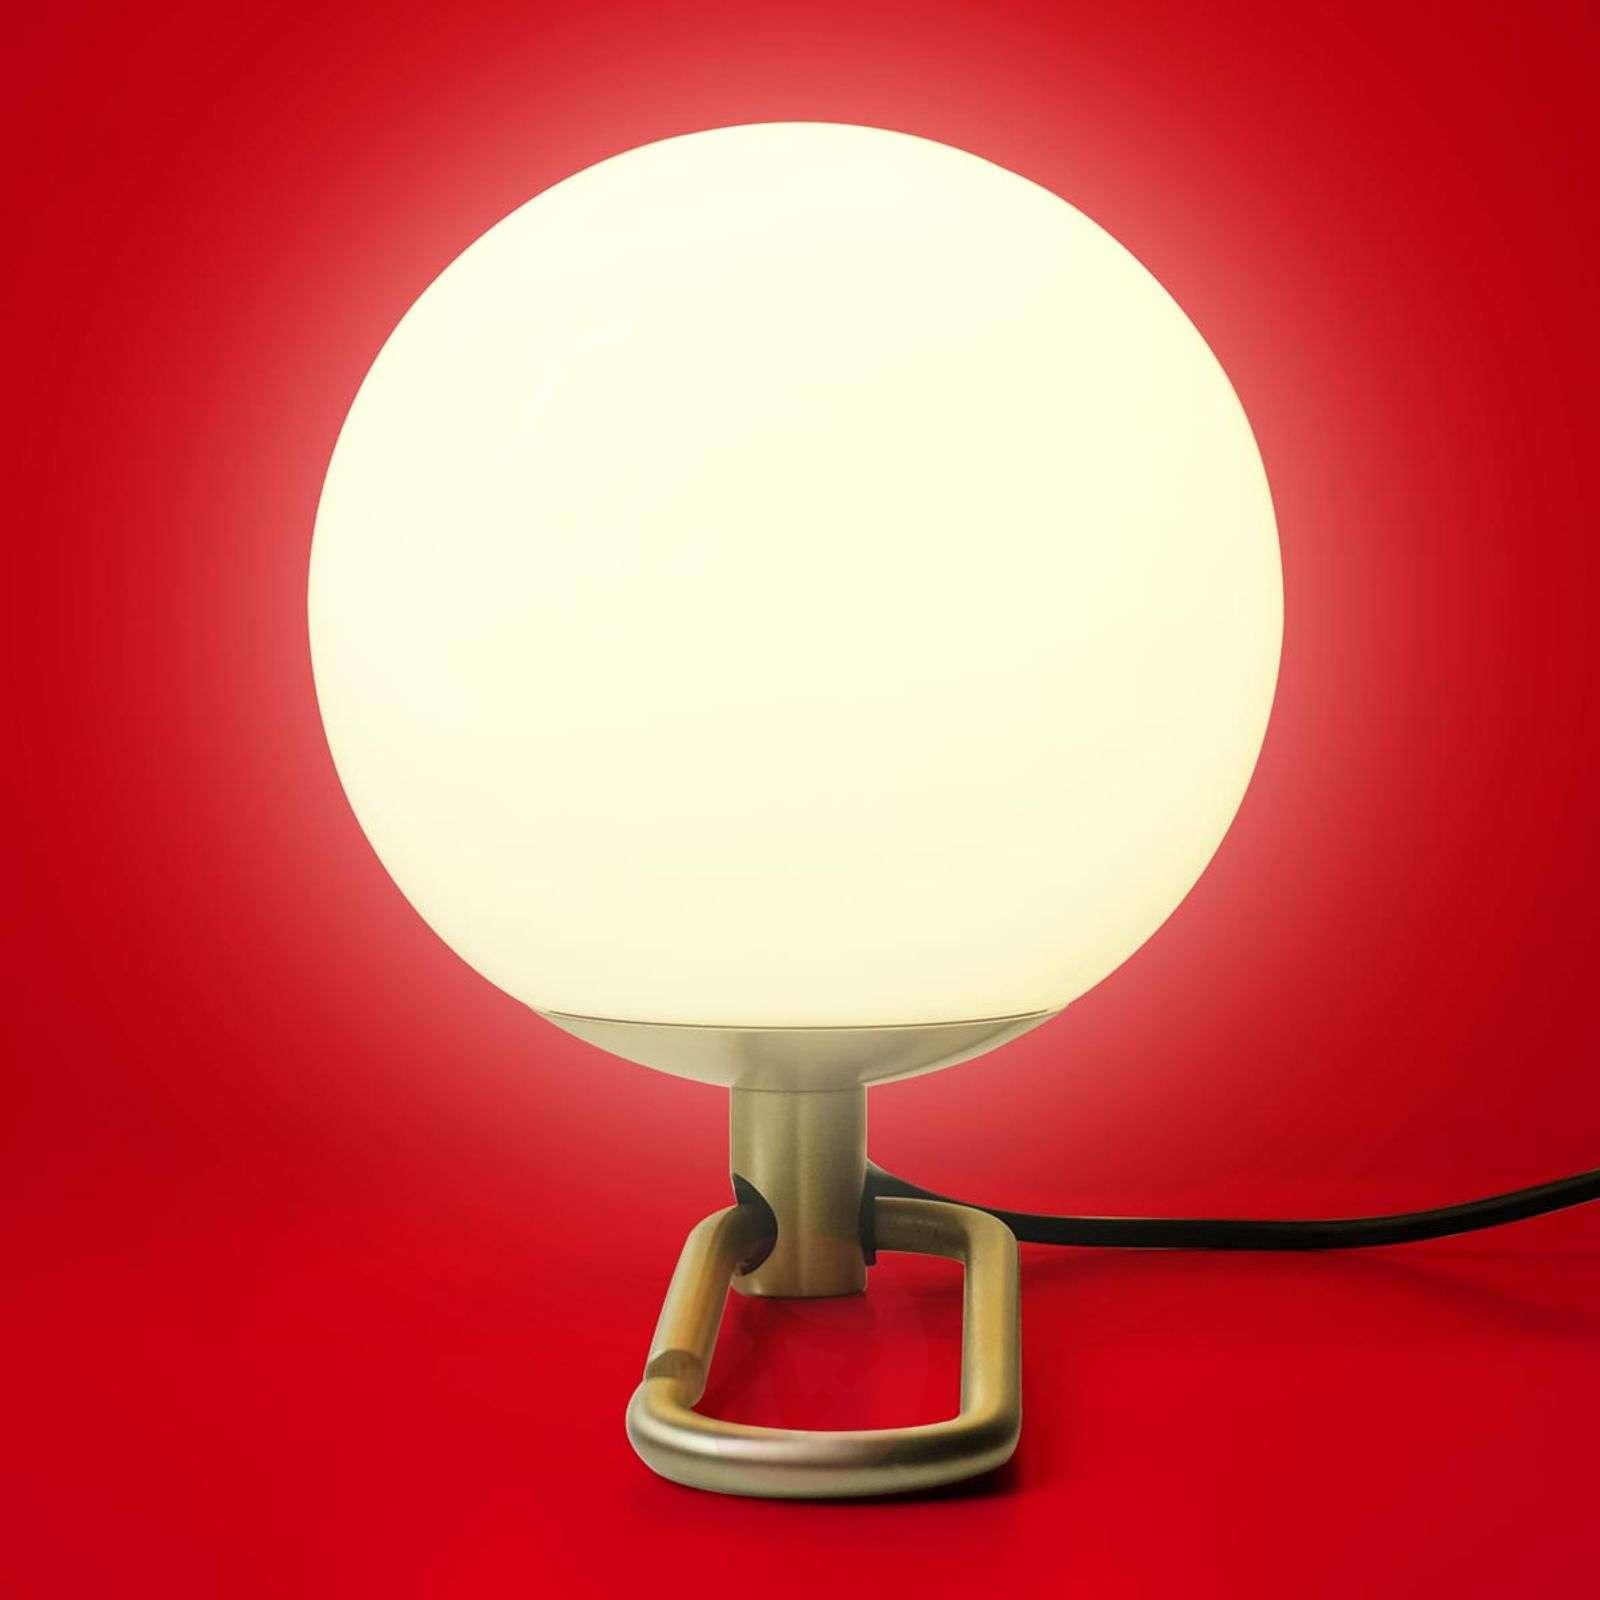 Monipuolinen LED-pöytävalaisin nh1217-1060007-01